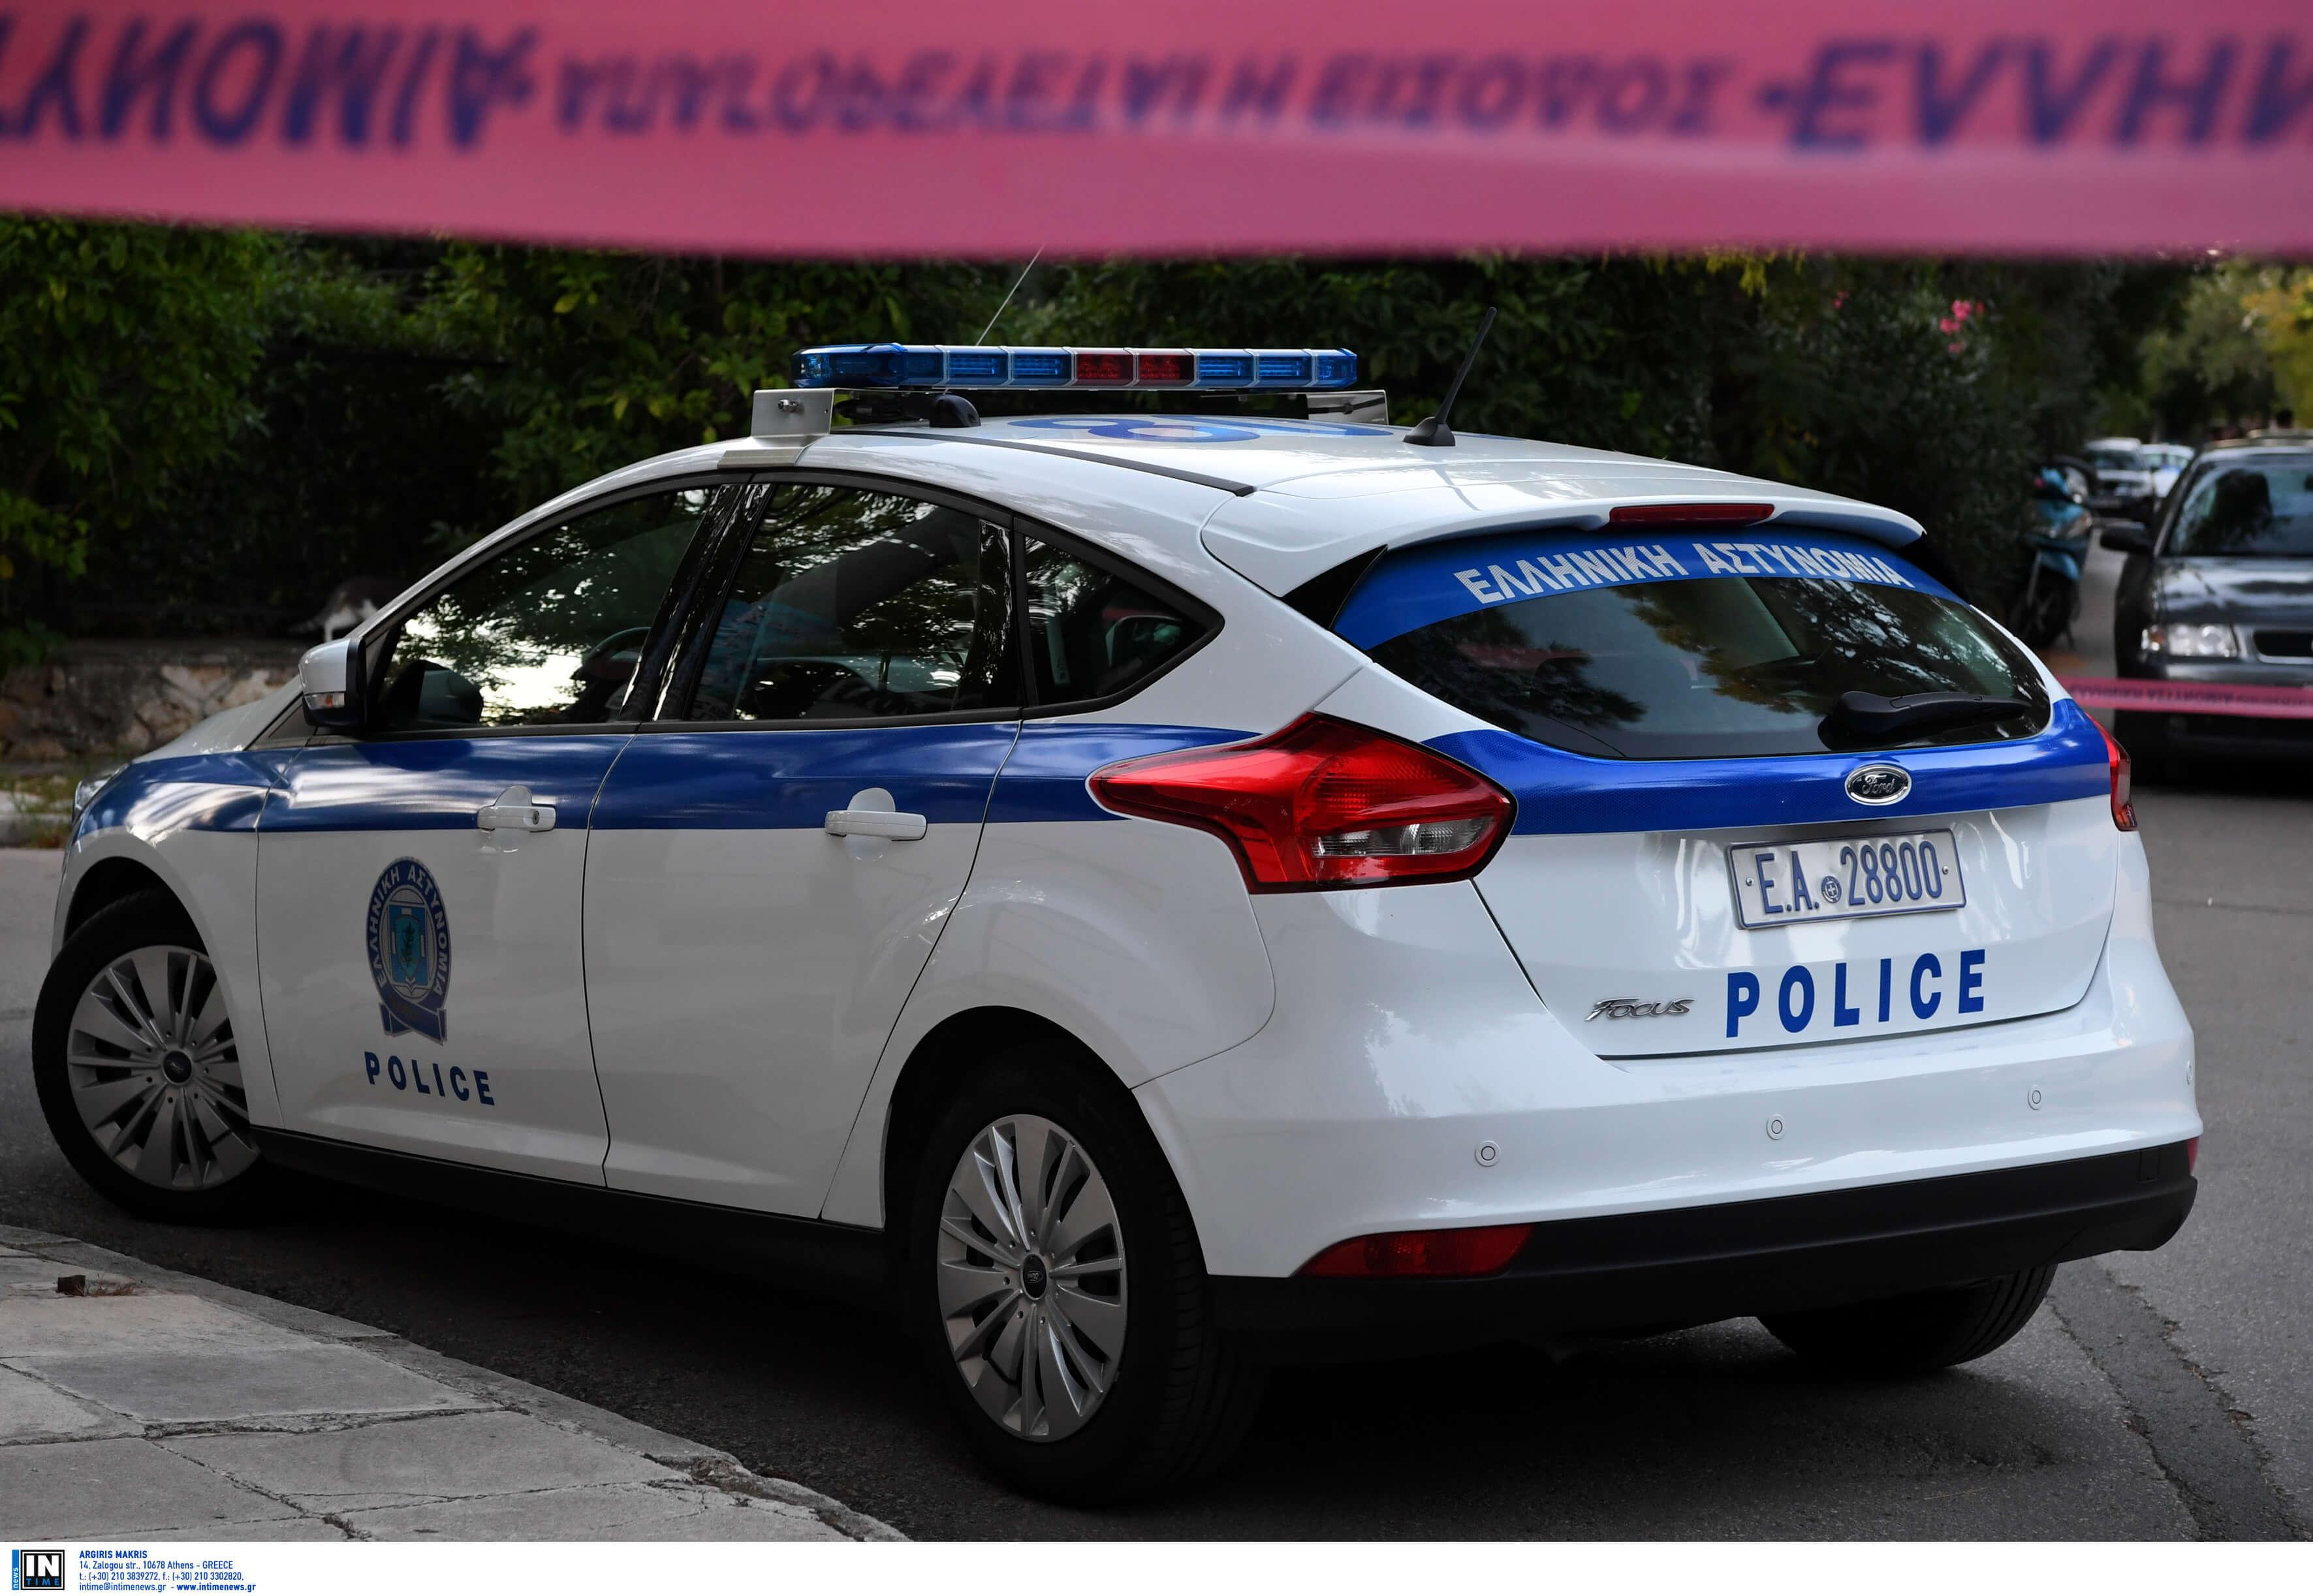 Ηράκλειο: Χειροπέδες σε ιδιοκτήτη καταστήματος – Η έφοδος αστυνομικών στην αποθήκη ξεσκέπασε την αλήθεια!